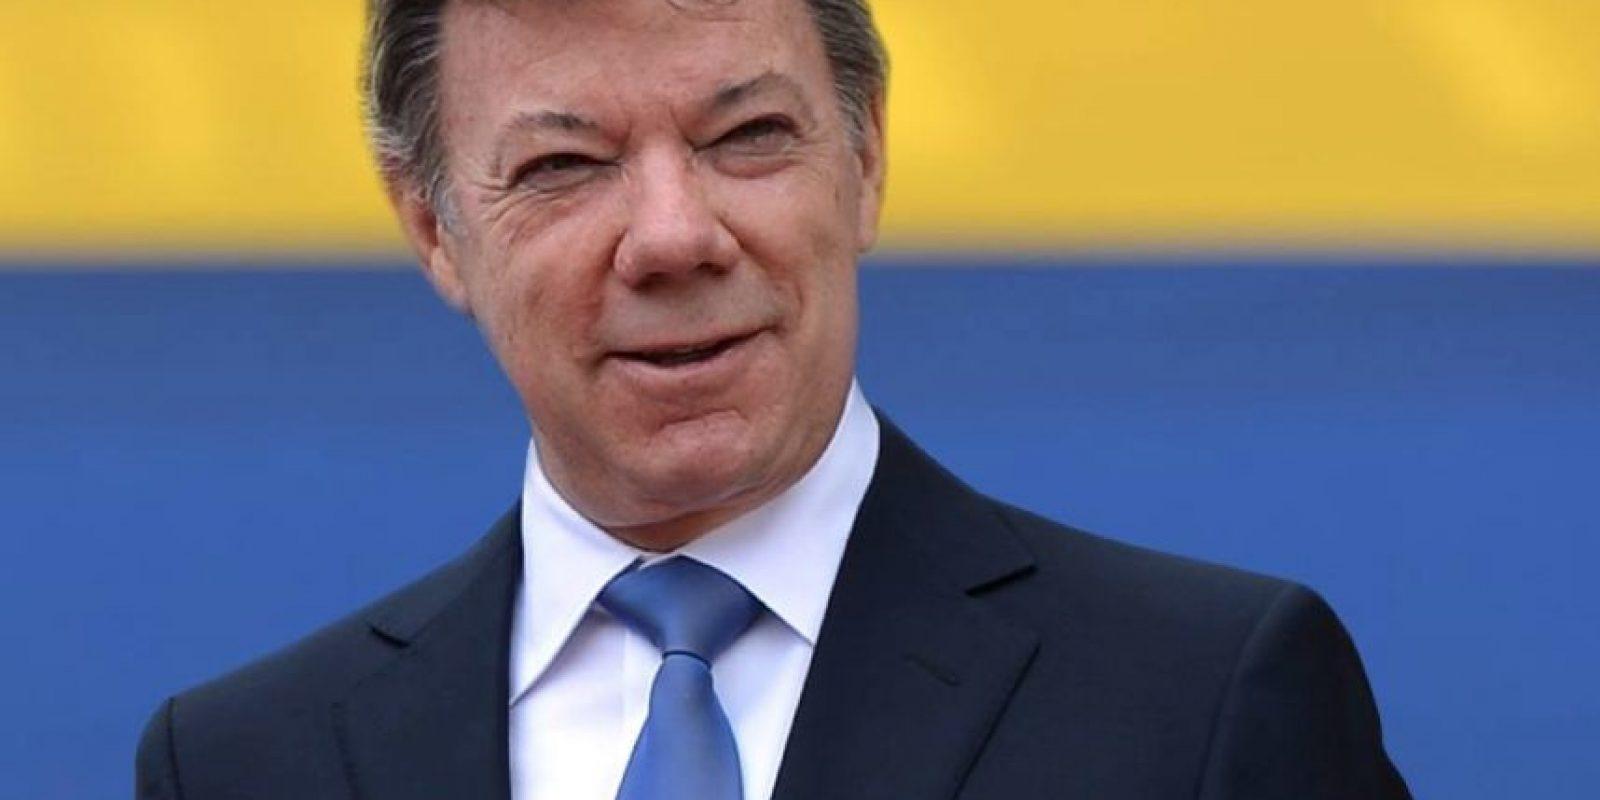 Juan Manuel Santos, después de haber sido elegido dos veces, propuso que en Colombia ningún otro mandatario lo pudiera hacer. Foto:Vía facebook.com/JMSantos.Presidente